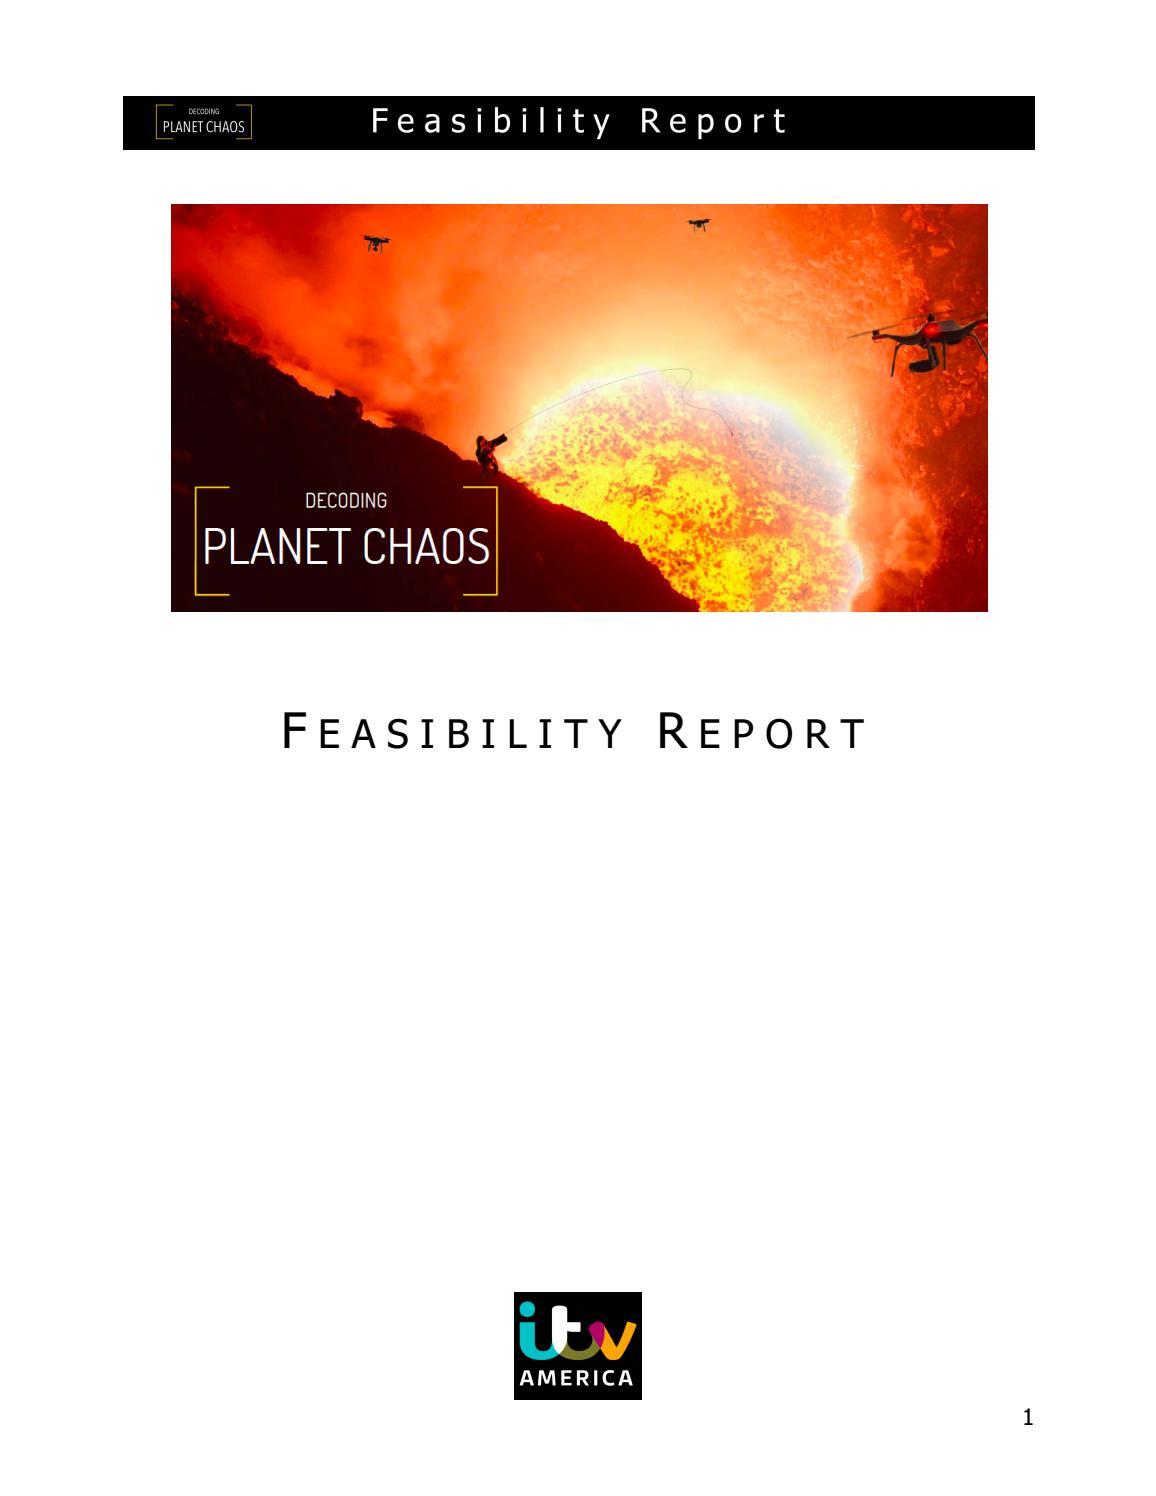 Feasibility Bible 6 9 17 By Irene Woticky Issuu Kaos Welder Welding 3dimensi